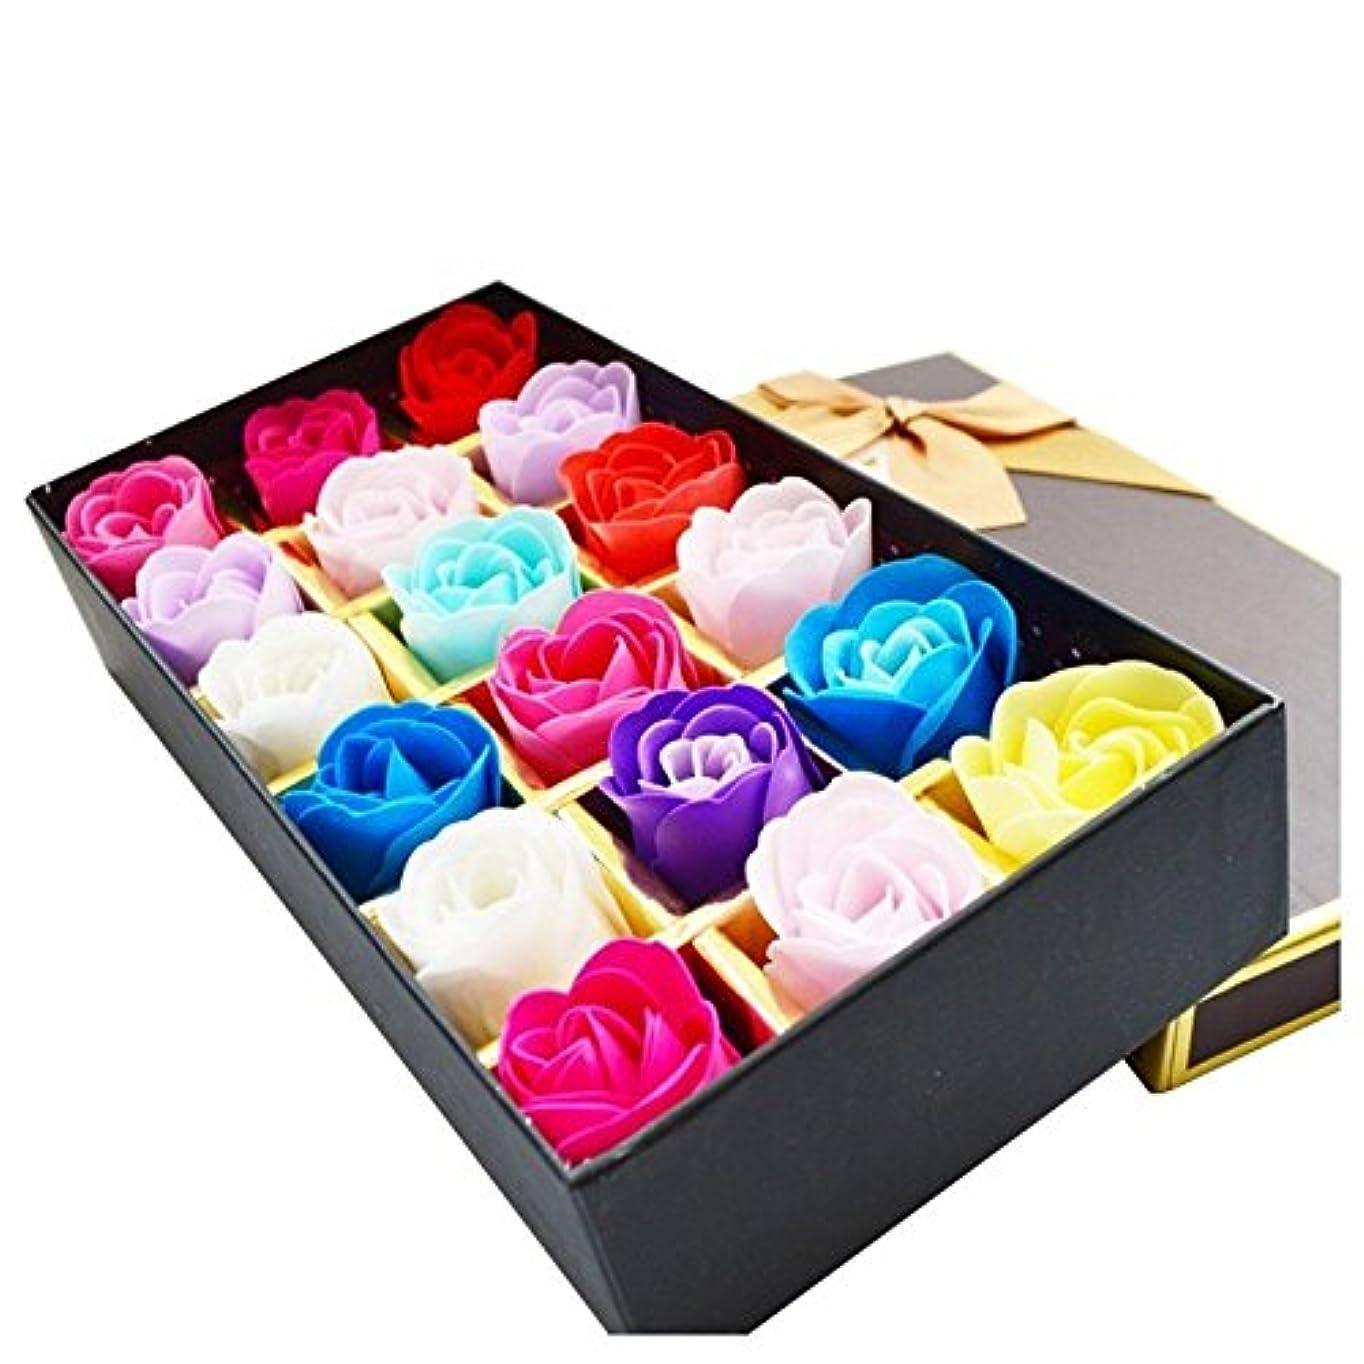 ページェント傾いた人工的なローズ フラワーソープ 石鹸 薔薇 プレゼント お祝い ③ #335